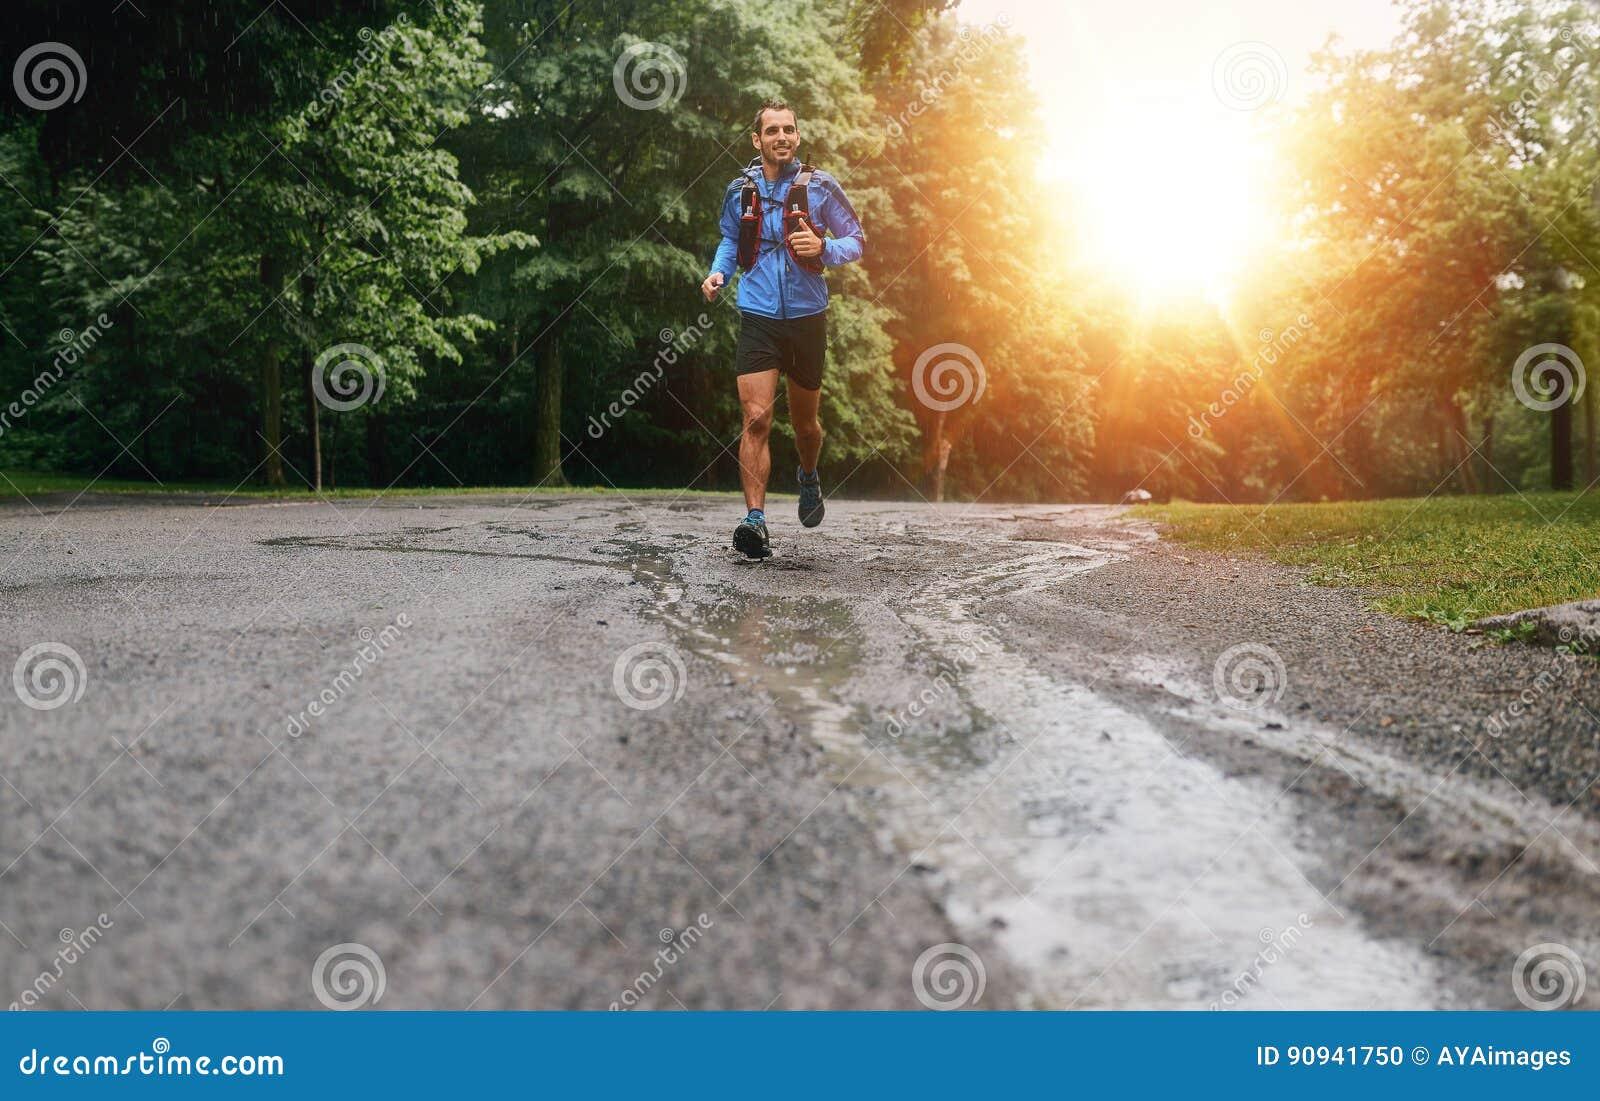 Mięśniowe łydki dysponowany męski jogger szkolenie dla przecinającego kraju lasowego śladu ścigają się w deszczu na natura śladzi